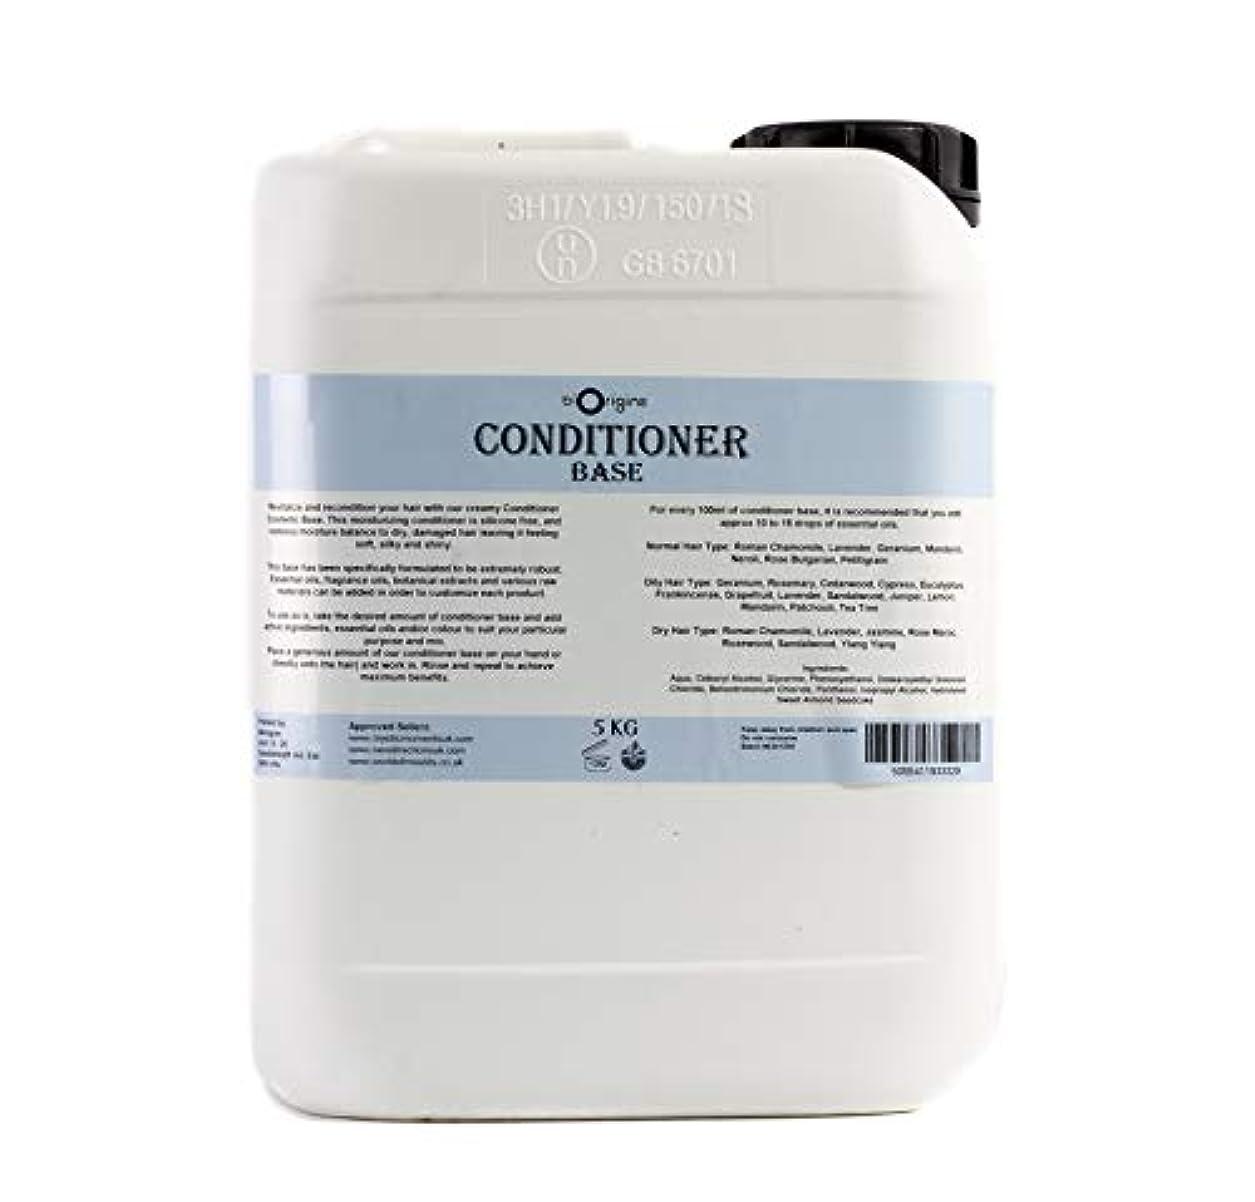 剃る独立した大聖堂Conditioner Base Natural Unscented - 5Kg